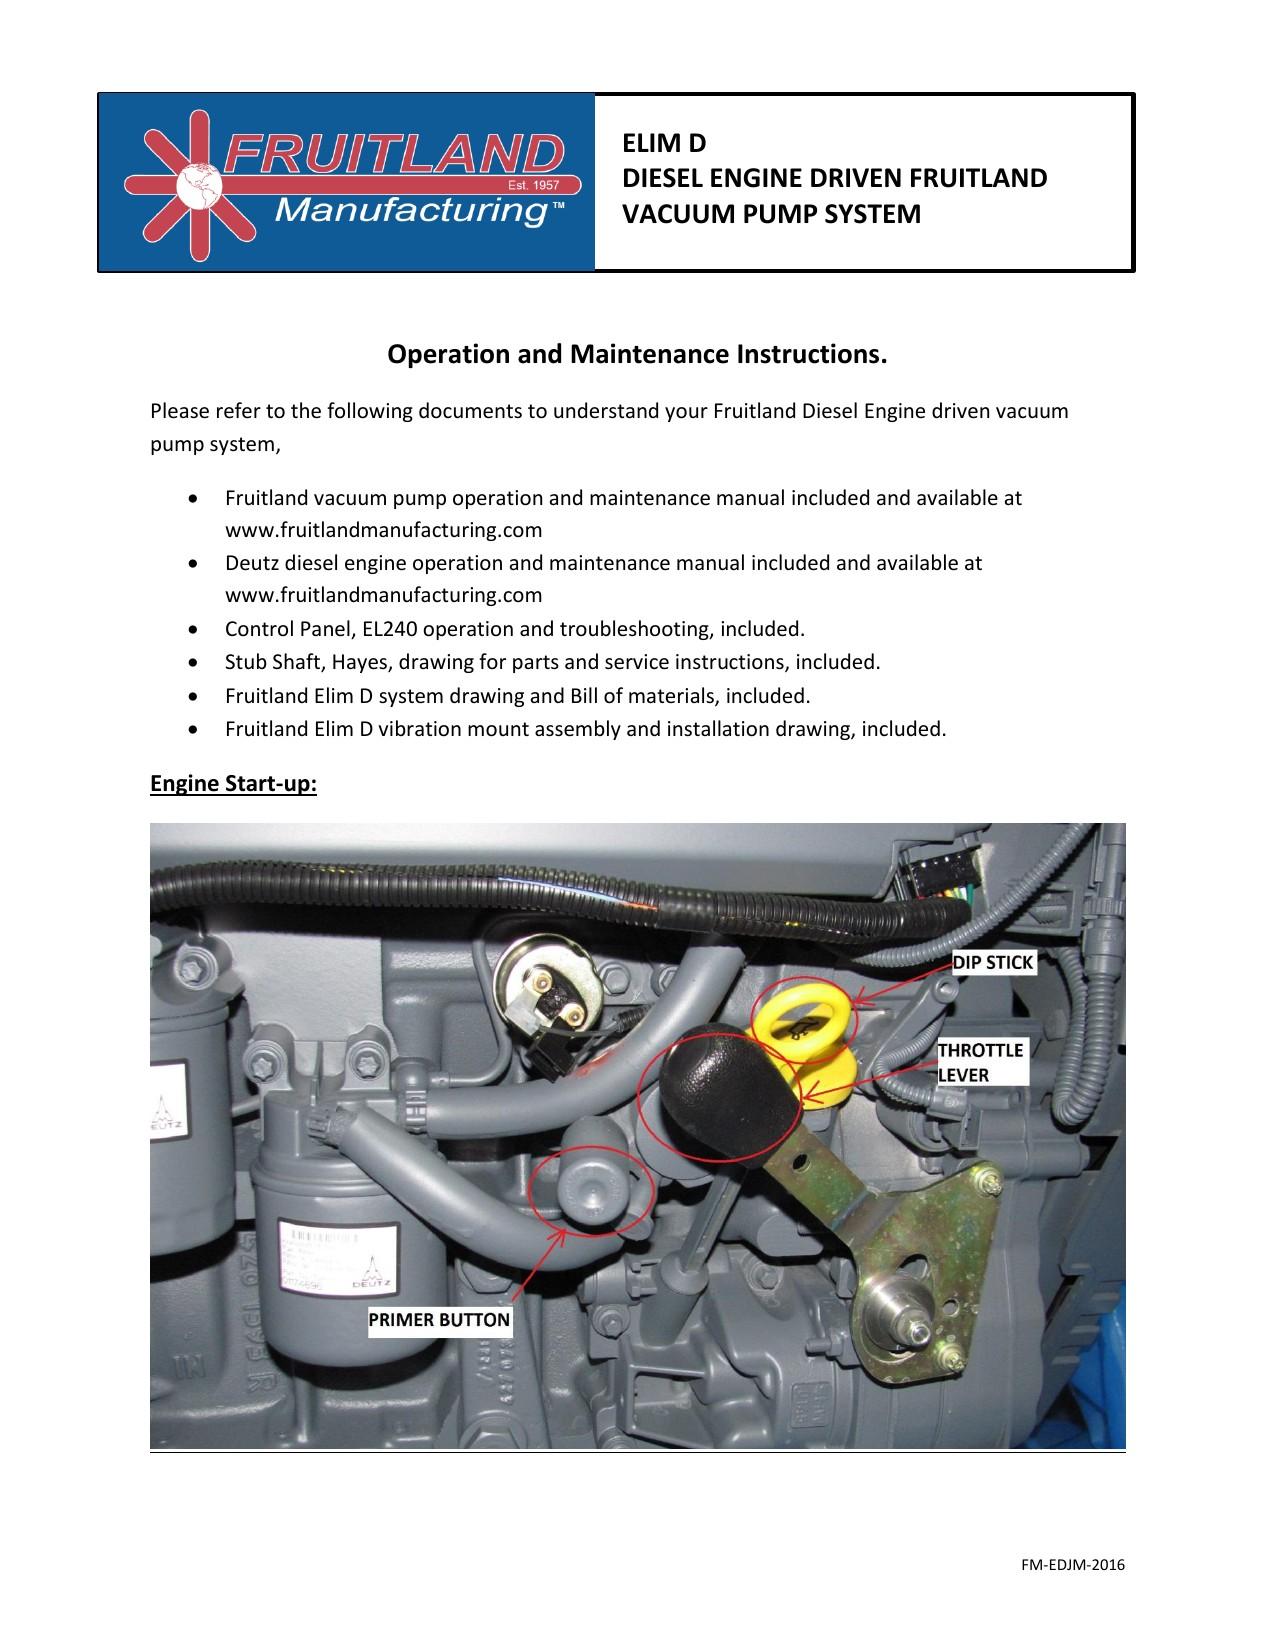 deutz engine parts diagram genia s boomlift parts manual my deutz engine  parts diagram operation and